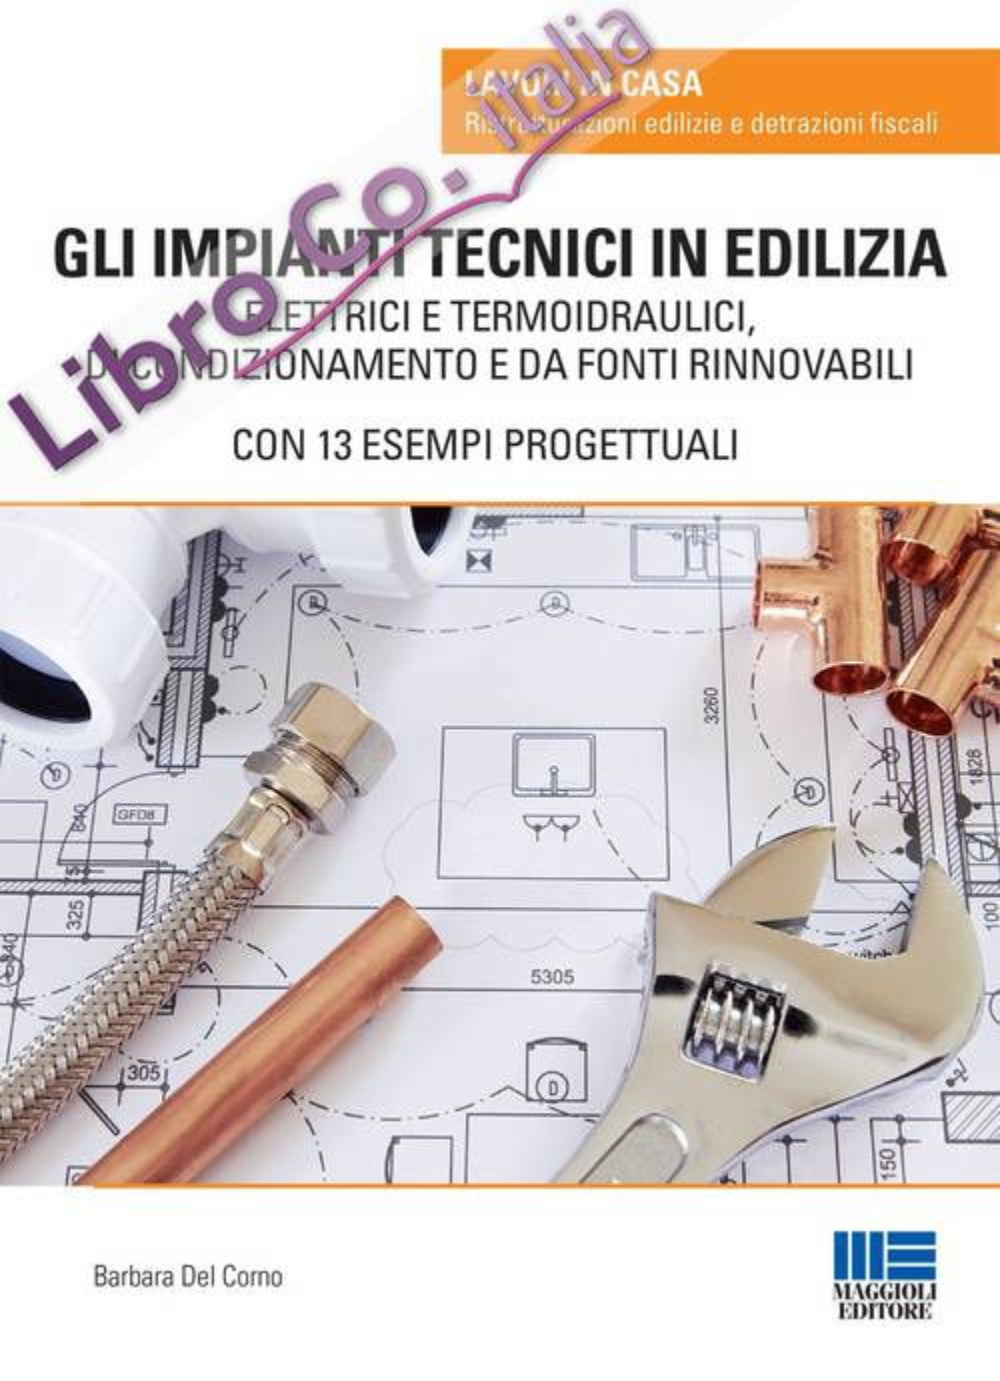 Gli impianti tecnici in edilizia